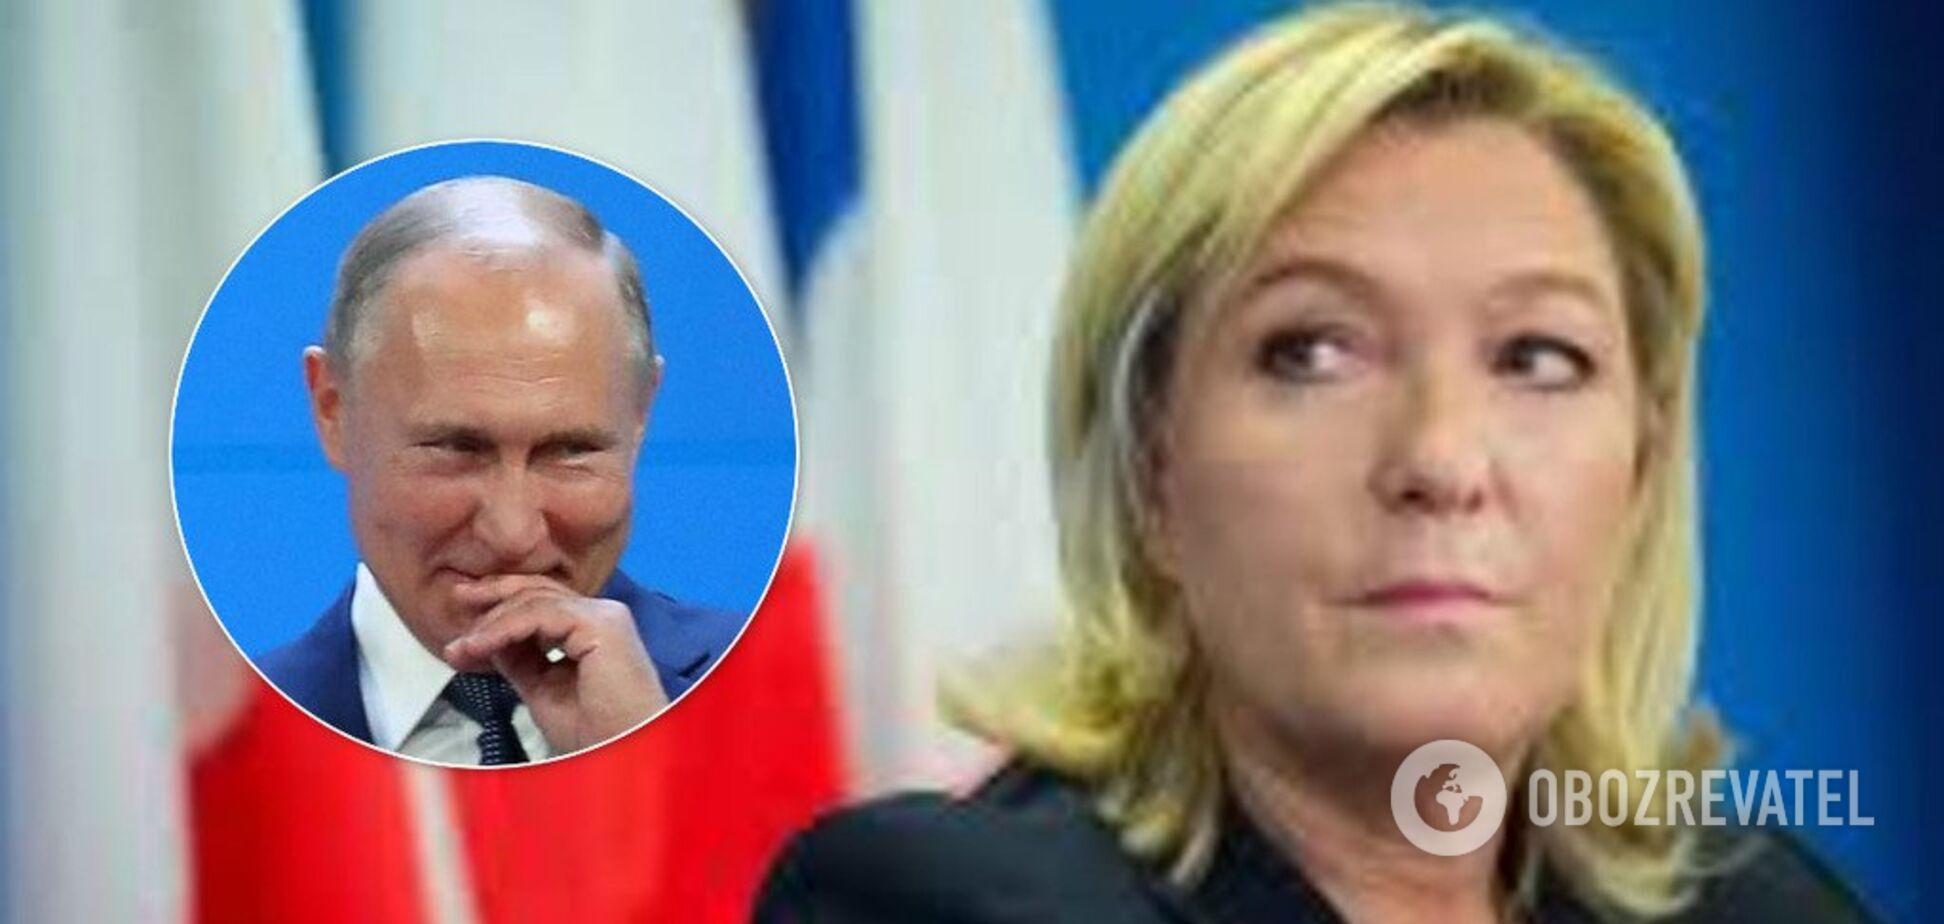 'Друзі' Путіна перемагають на виборах в ключовій країні ЄС: що відомо